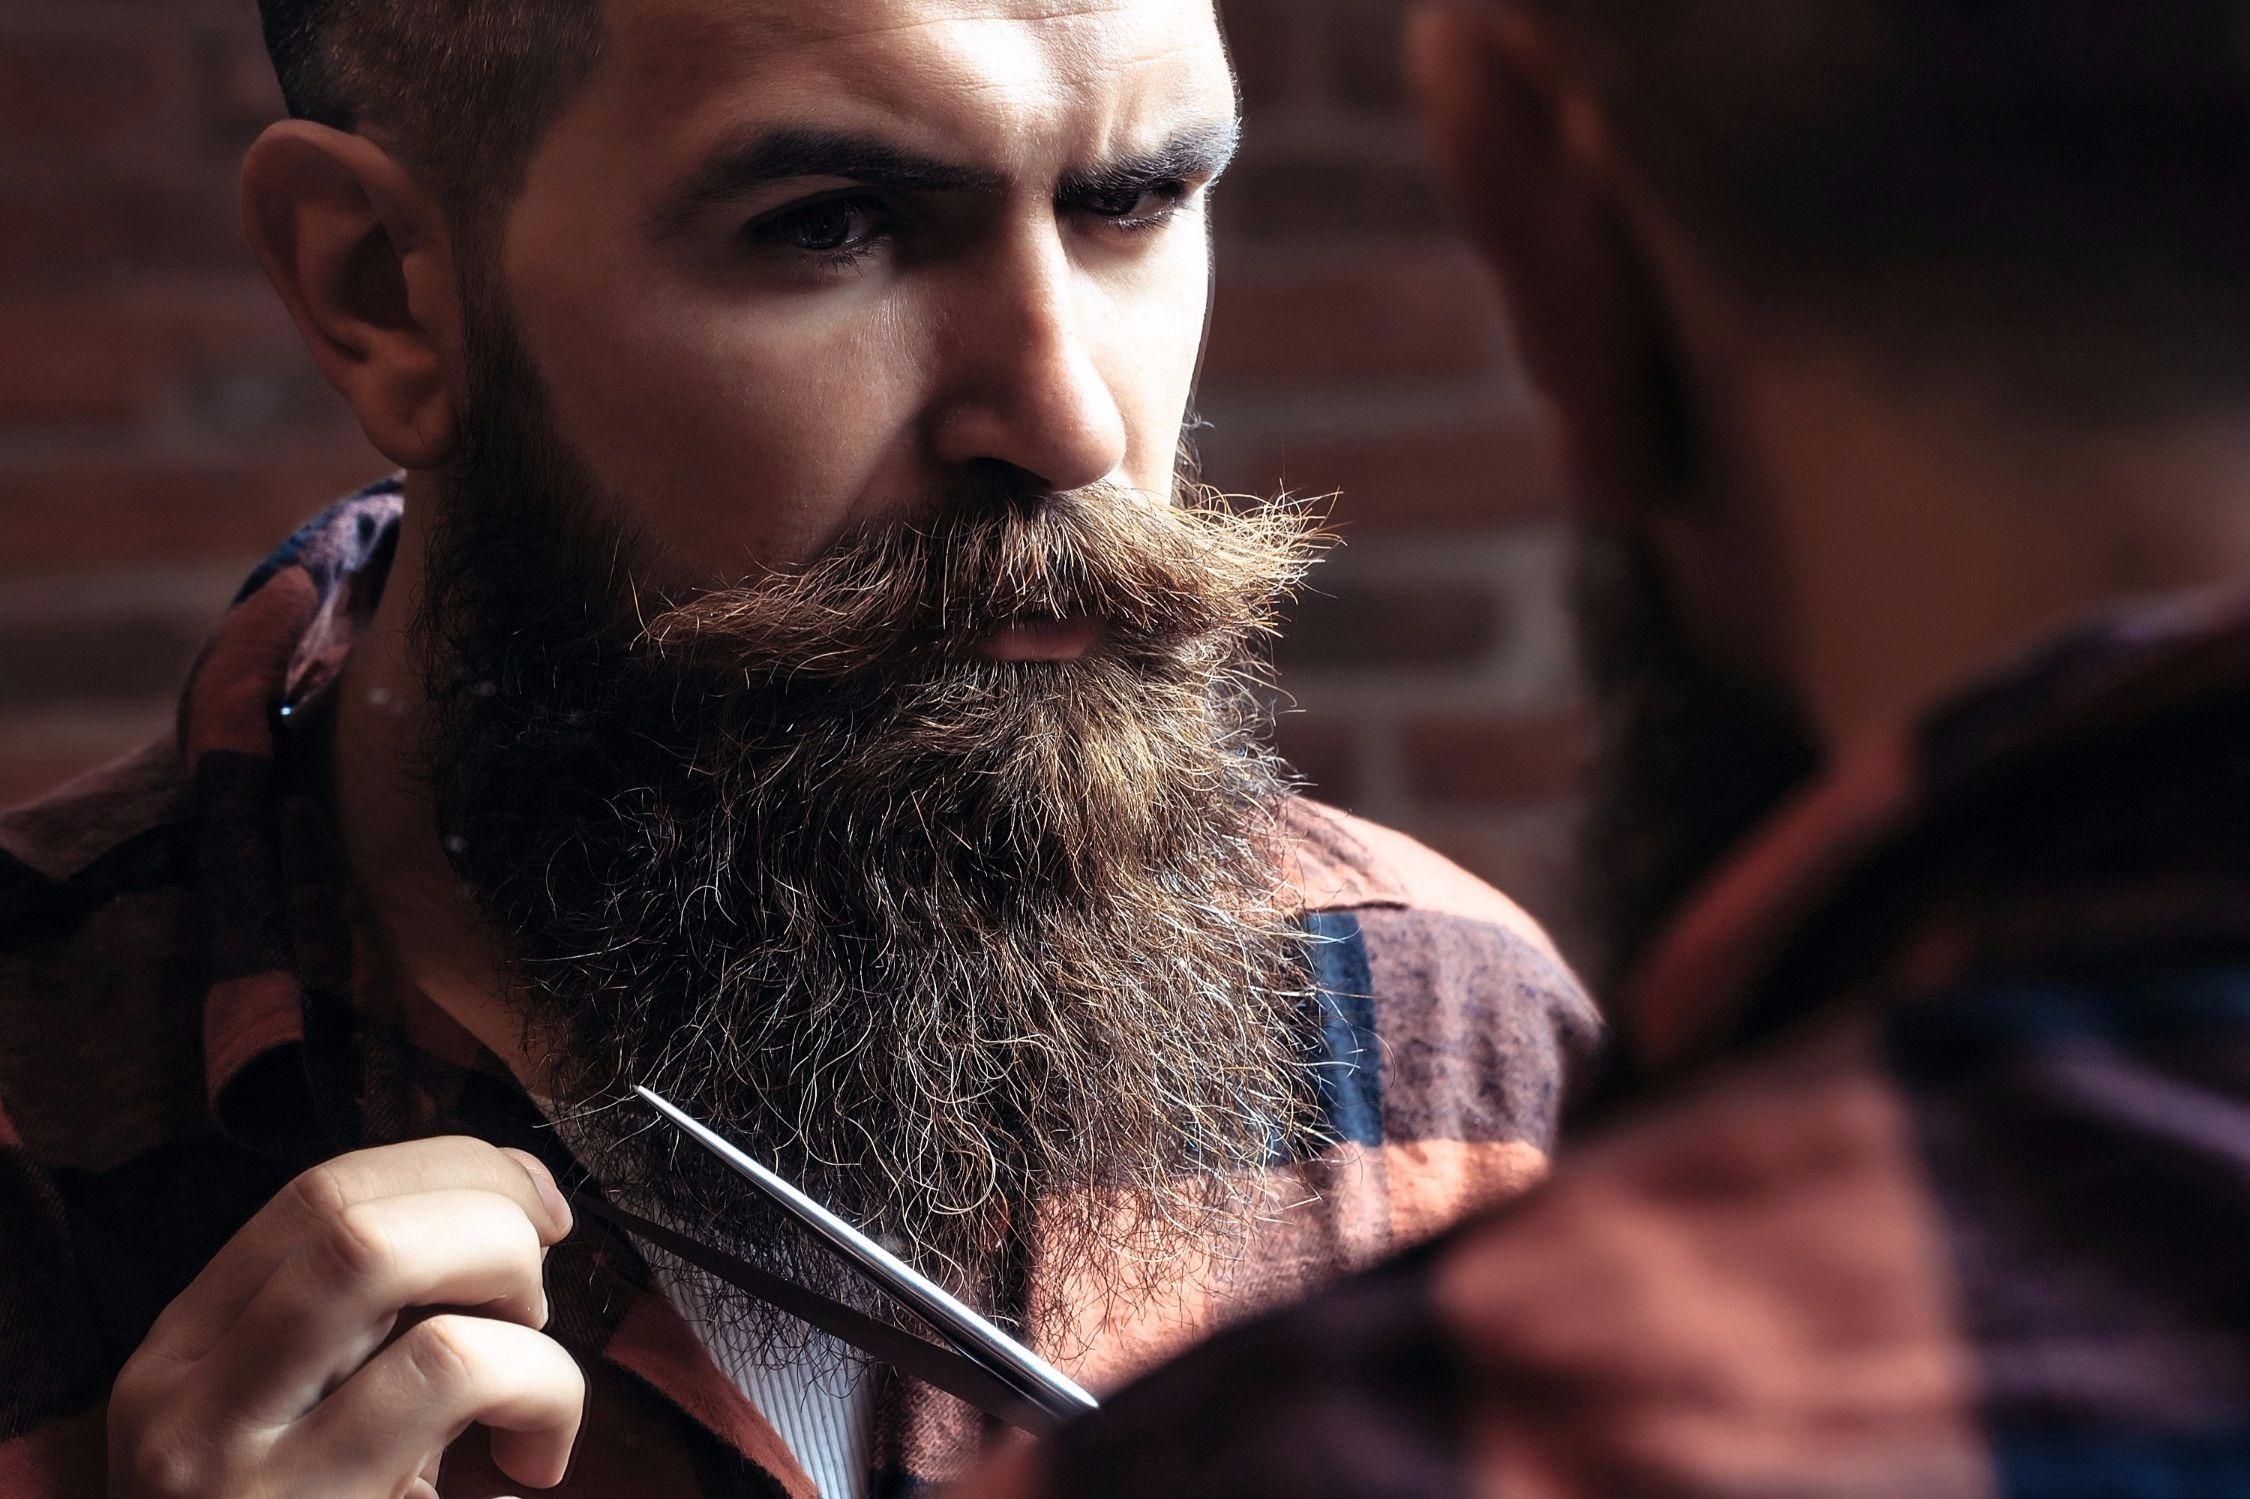 Saiba Como Deixar a Barba Crescer de Forma Fácil: Dê Atenção Para Sua Cara